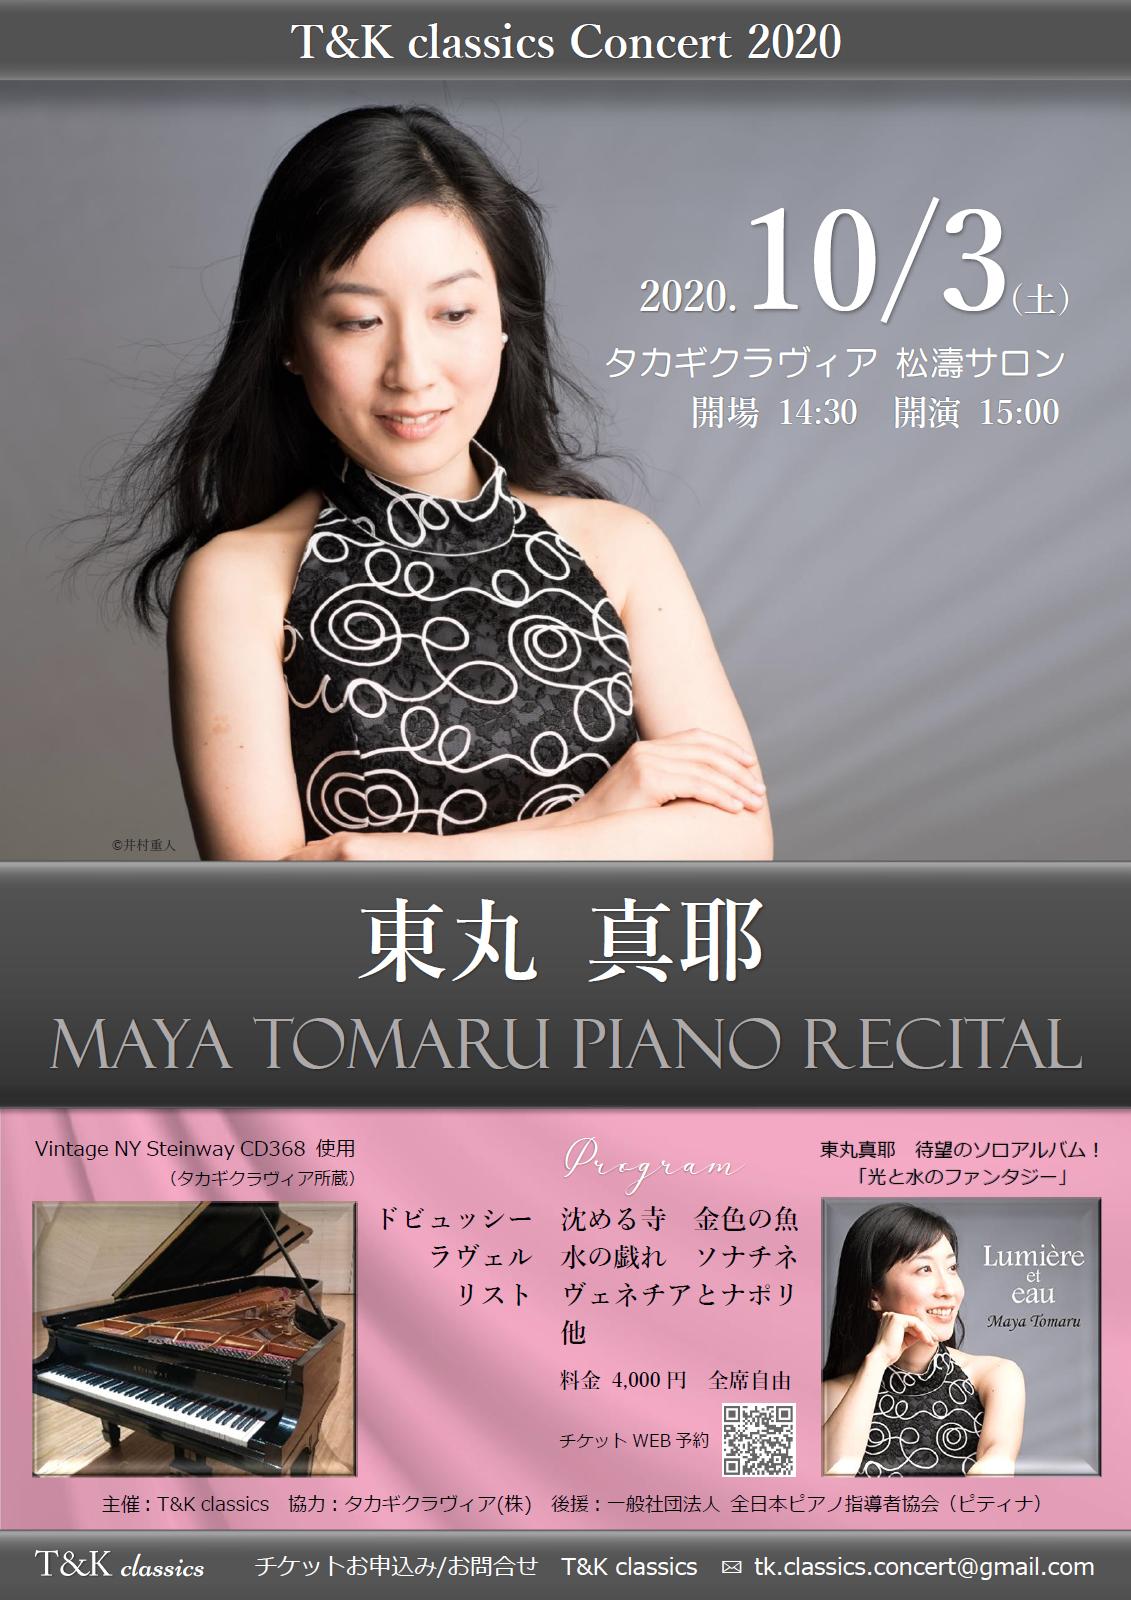 2020.10/3(土)  15:00開演